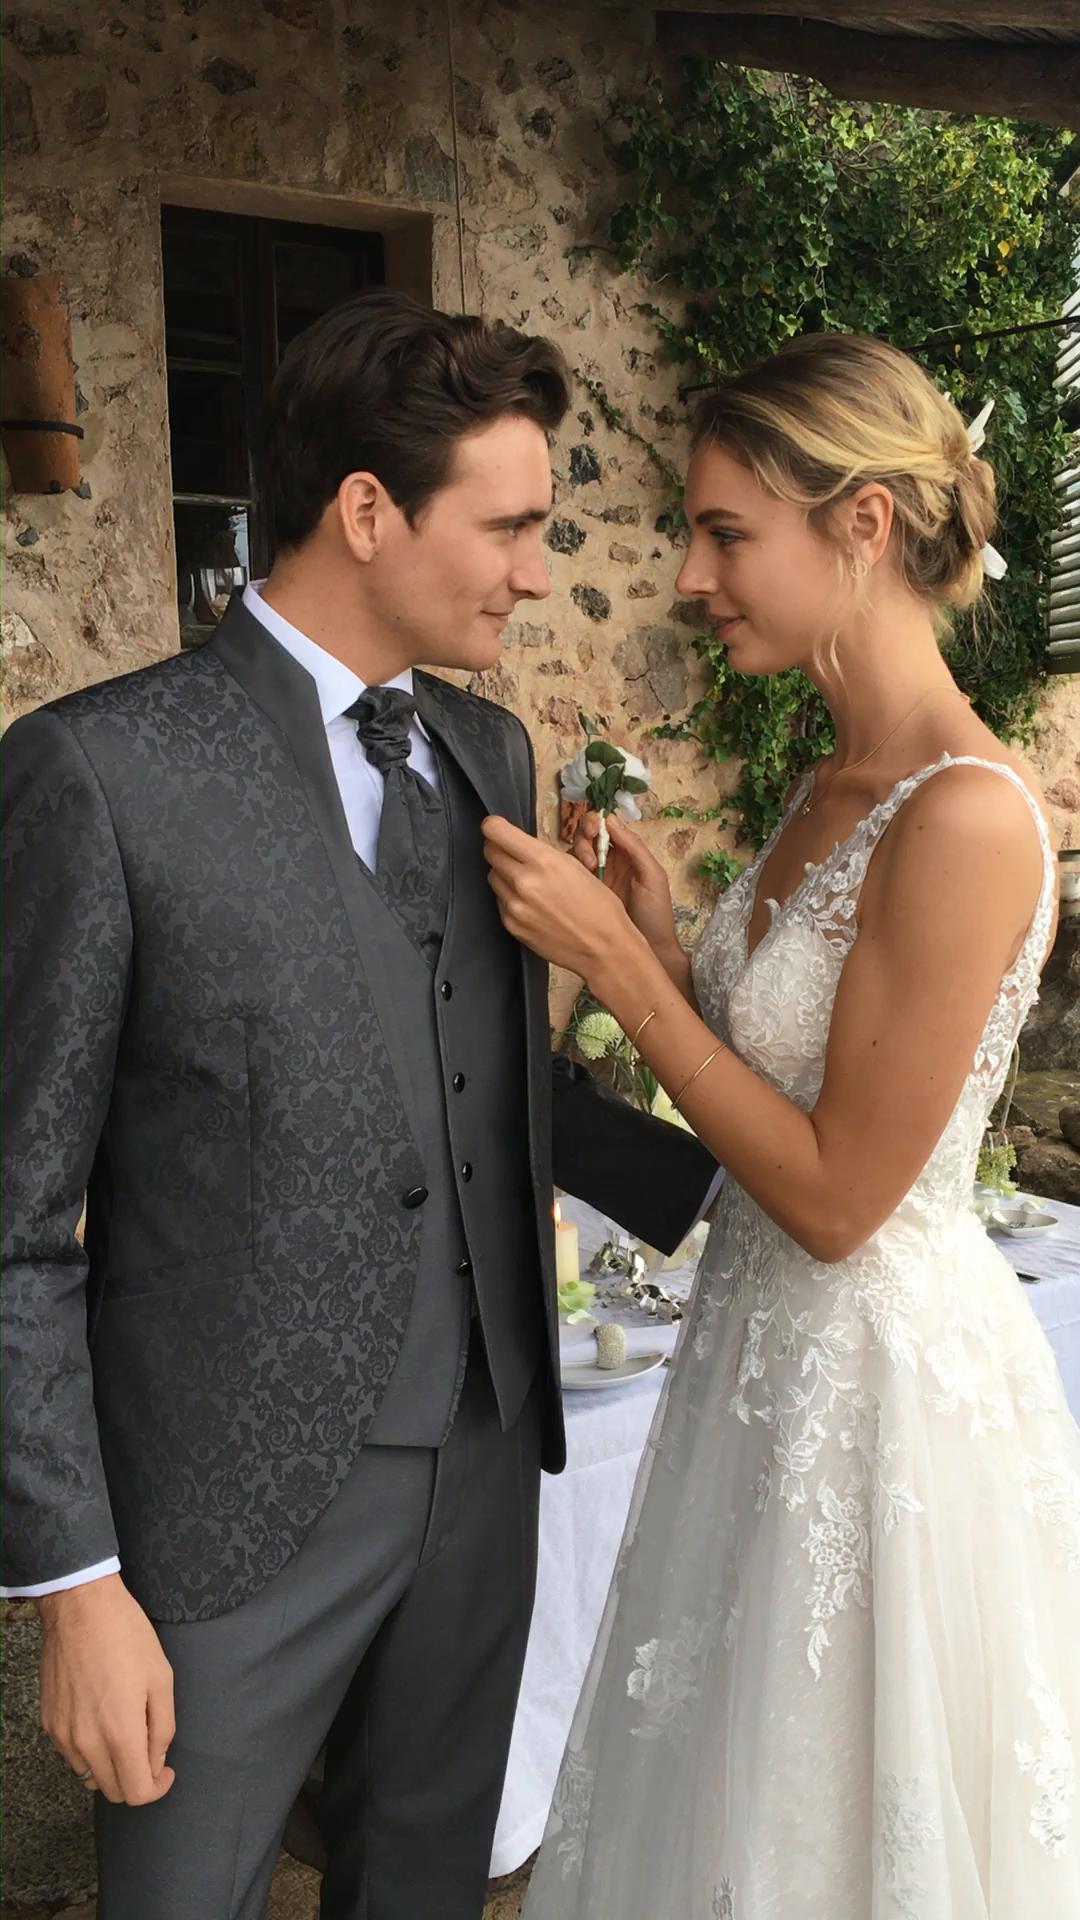 Am Hochzeitstag darf der Blumenanstecker für den Bräutigam genau so wenig wie das passende Einstecktuch vergessen werden!   #Hochzeitsanzug #Weddinginspiration #Liebe #WELOVEWEDDING #Hochzeitsliebe #WILVORST #Bräutigamanzug #Bräutigam #Groom